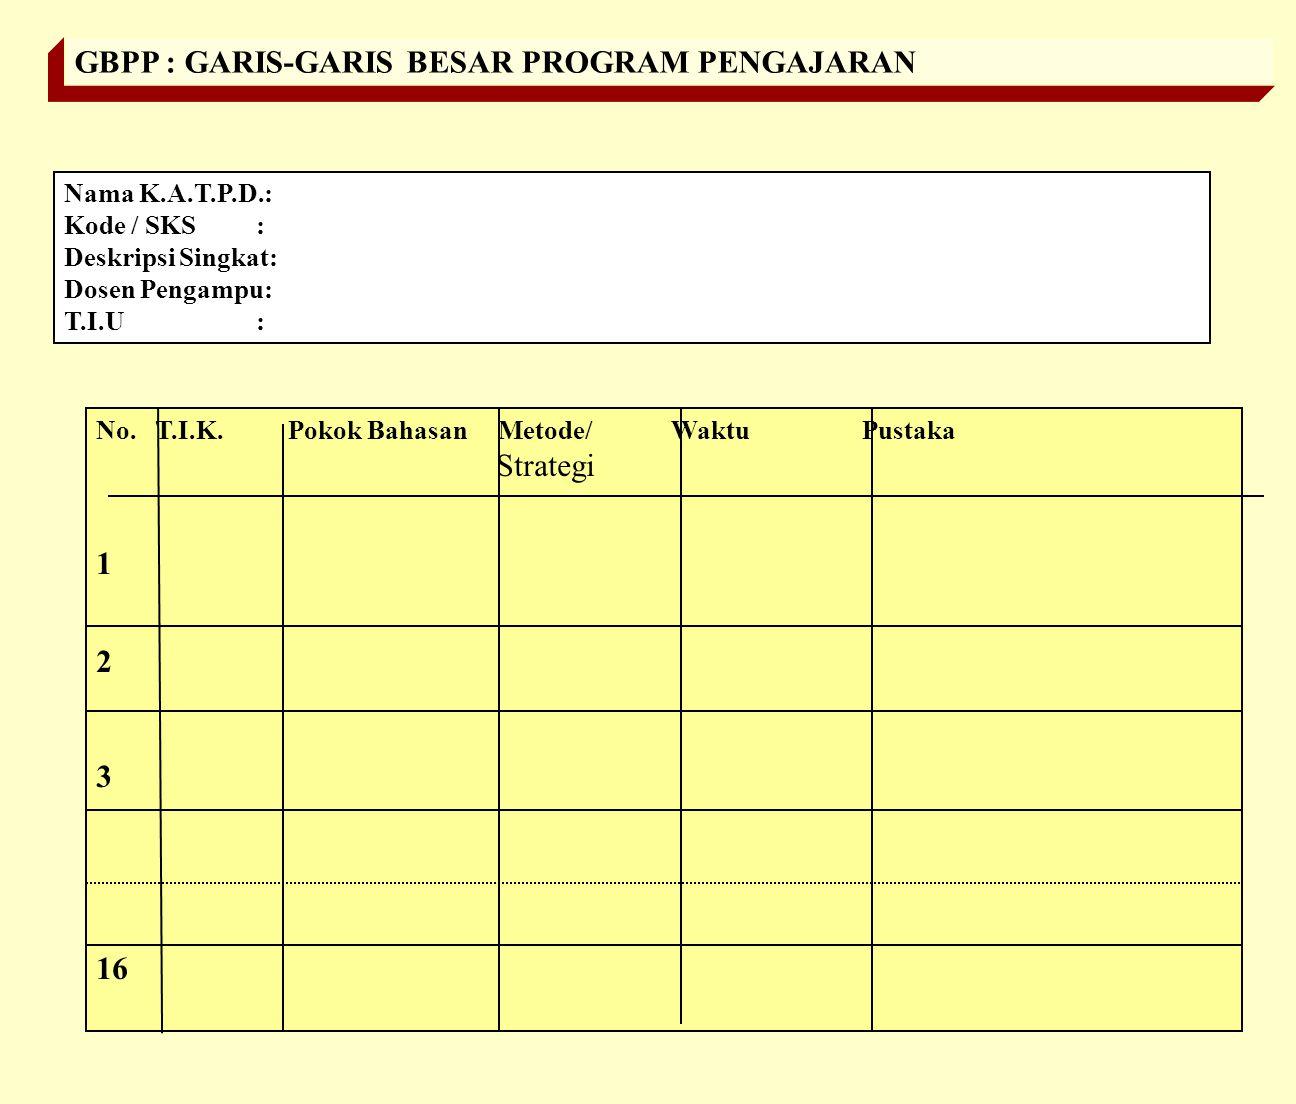 GARIS-GARIS BESAR PROGRAM PENGAJARAN Course Outlines Komponen dari GBPP untuk K.A.T. : 1. Tujuan Instruksional Umum/ Kompetensi Umum 2. Tujuan Instruk